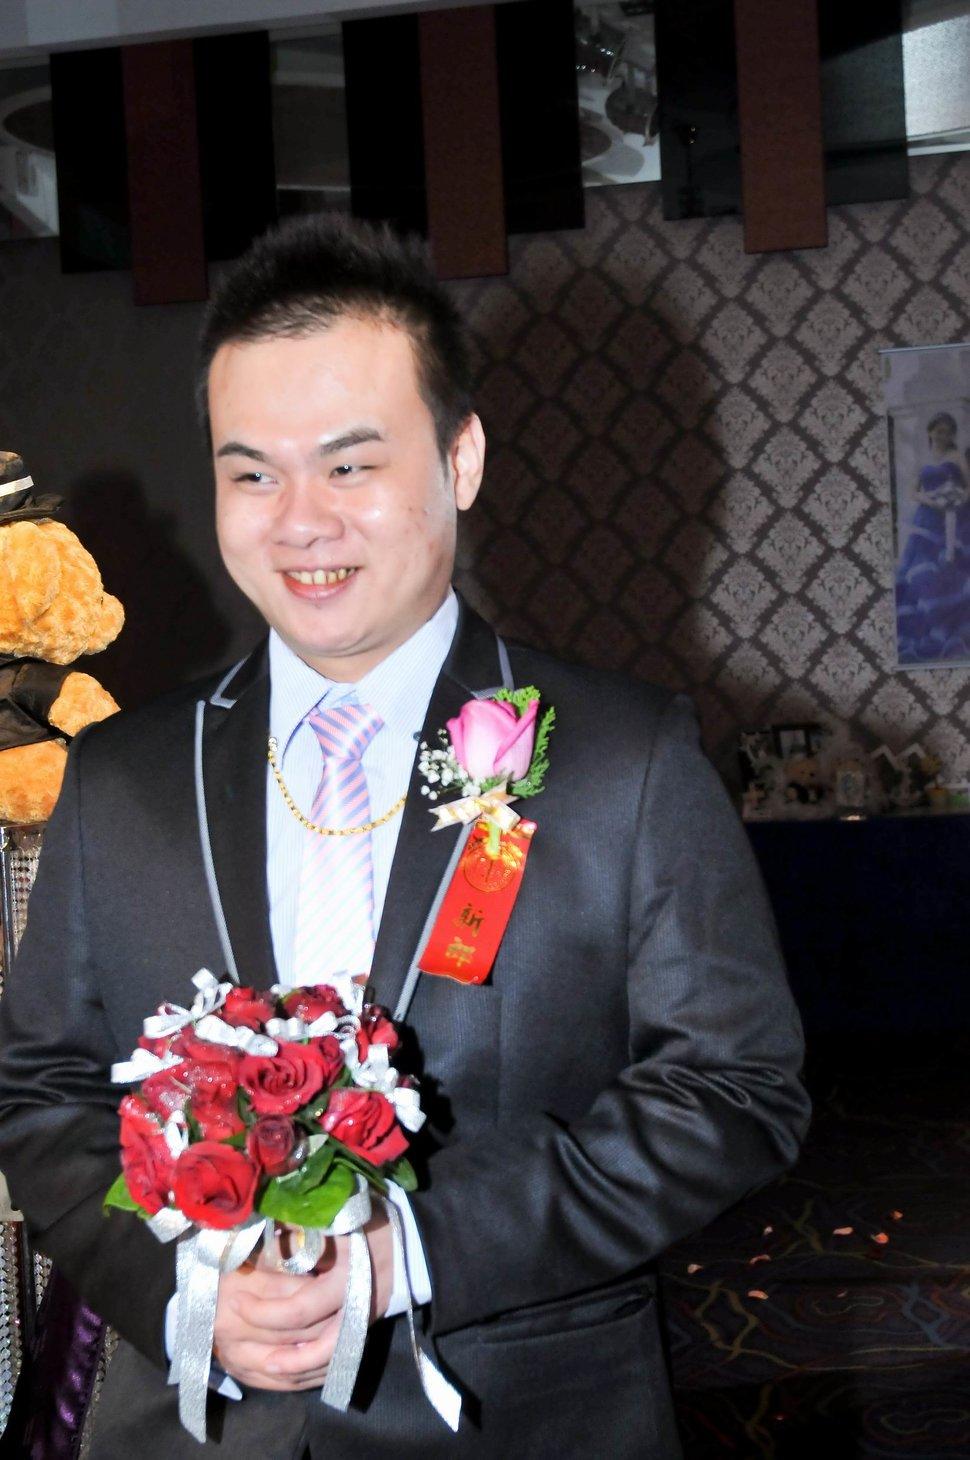 海產大王文定結婚儀式迎娶晚宴婚禮結婚儀式午宴婚禮記錄動態微電影錄影專業錄影平面攝影婚攝婚禮主持人(編號:303409) - 蜜月拍照10800錄影12800攝影團隊 - 結婚吧